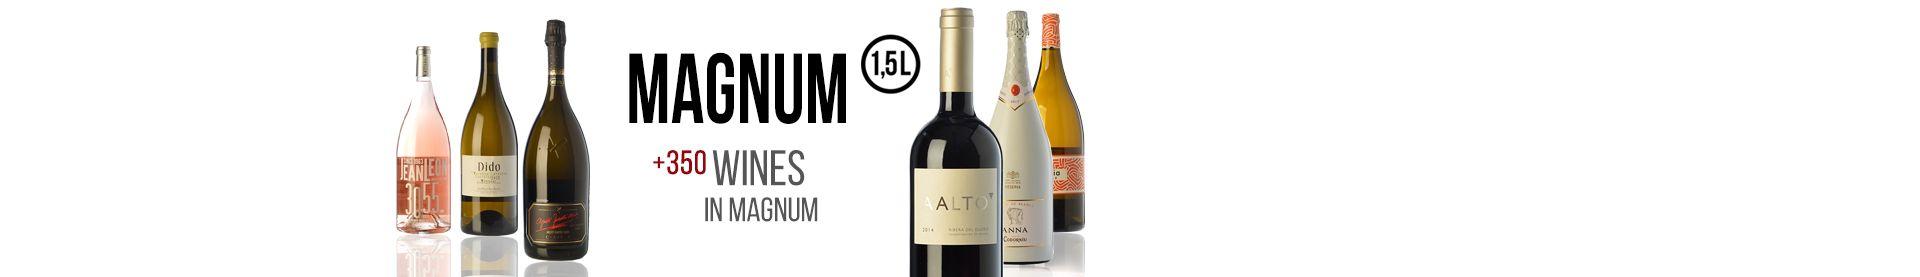 +350 wines in Magnum